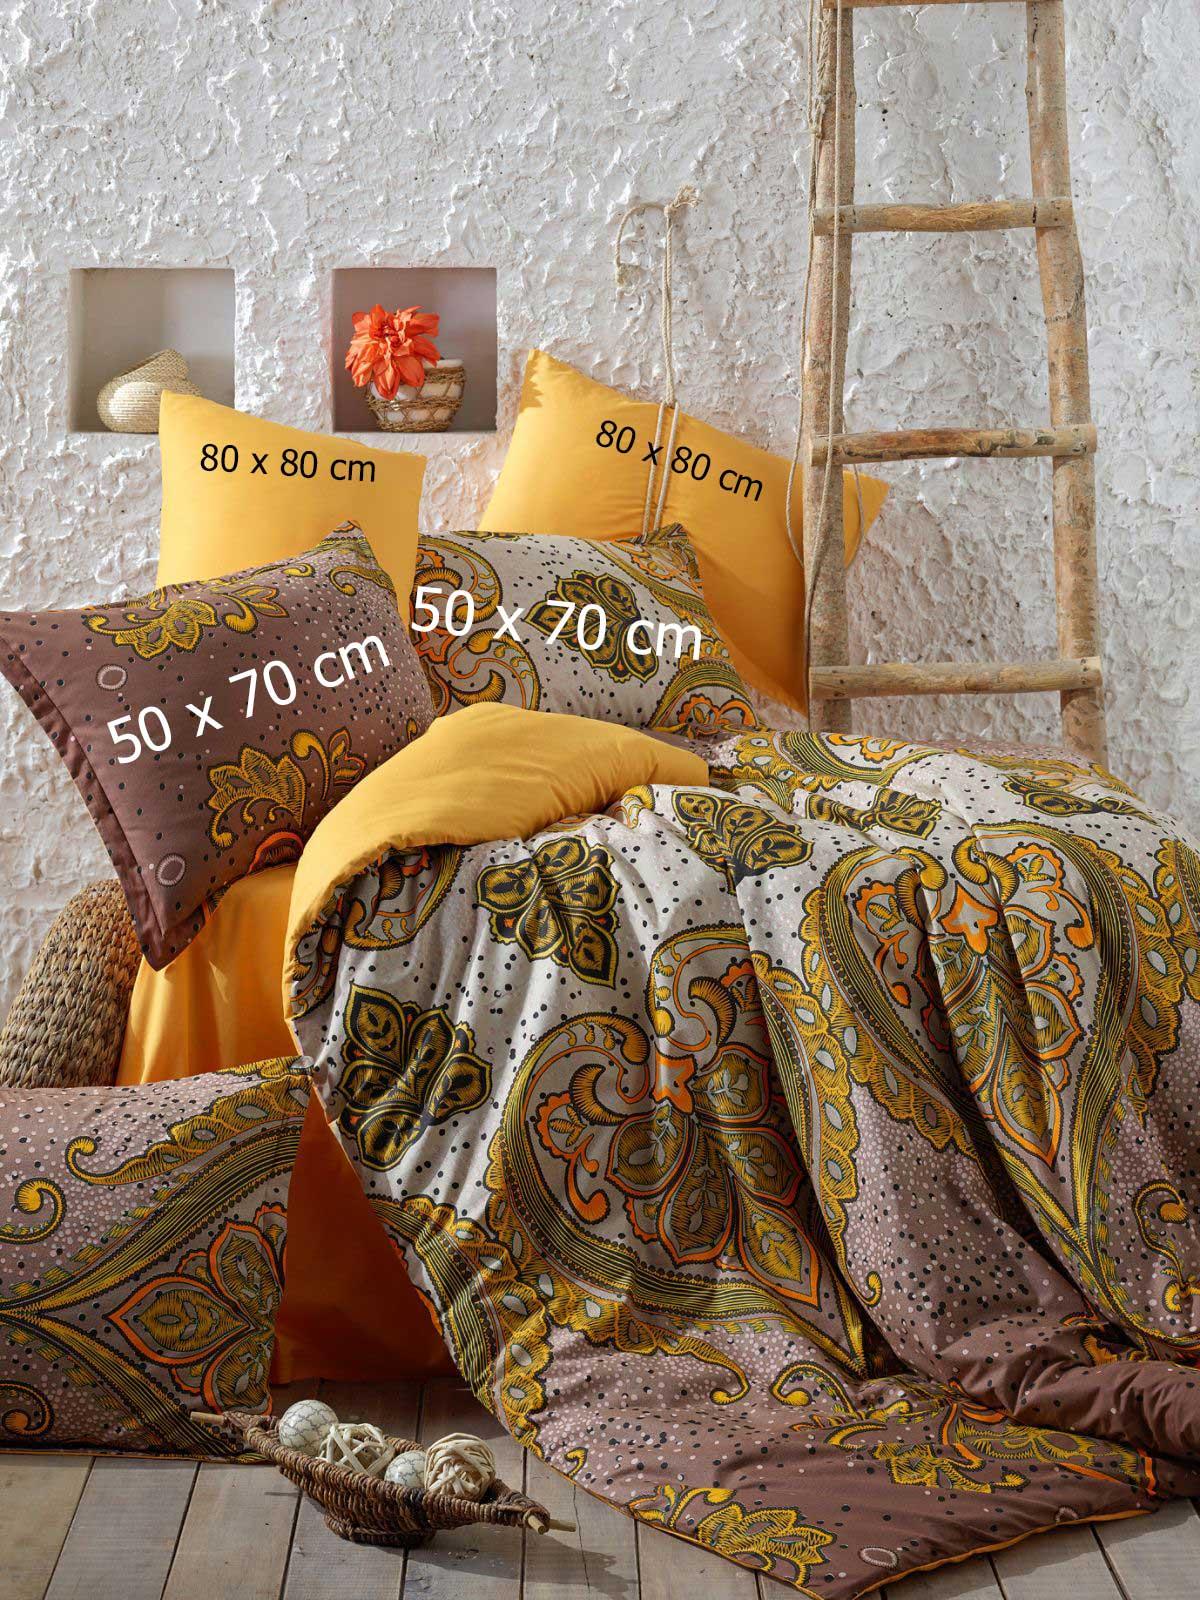 6 tlg bettw sche bettgarniturn 100 baumwolle kissen decke 200x220cm feza gelb ebay. Black Bedroom Furniture Sets. Home Design Ideas